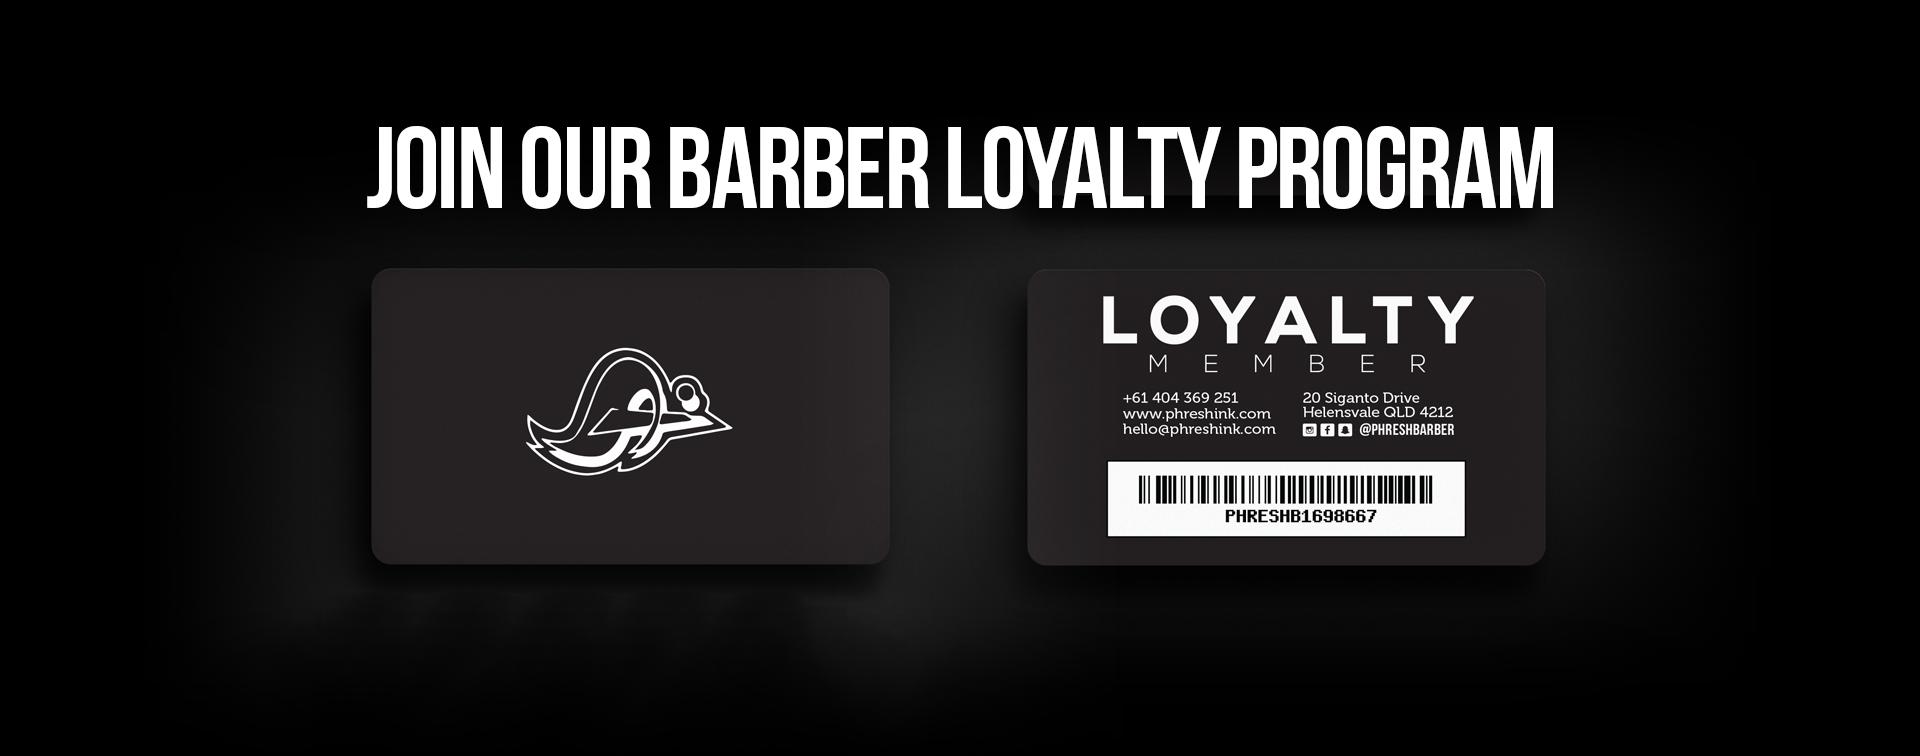 Barber-Loyalty-Website-Banner.png